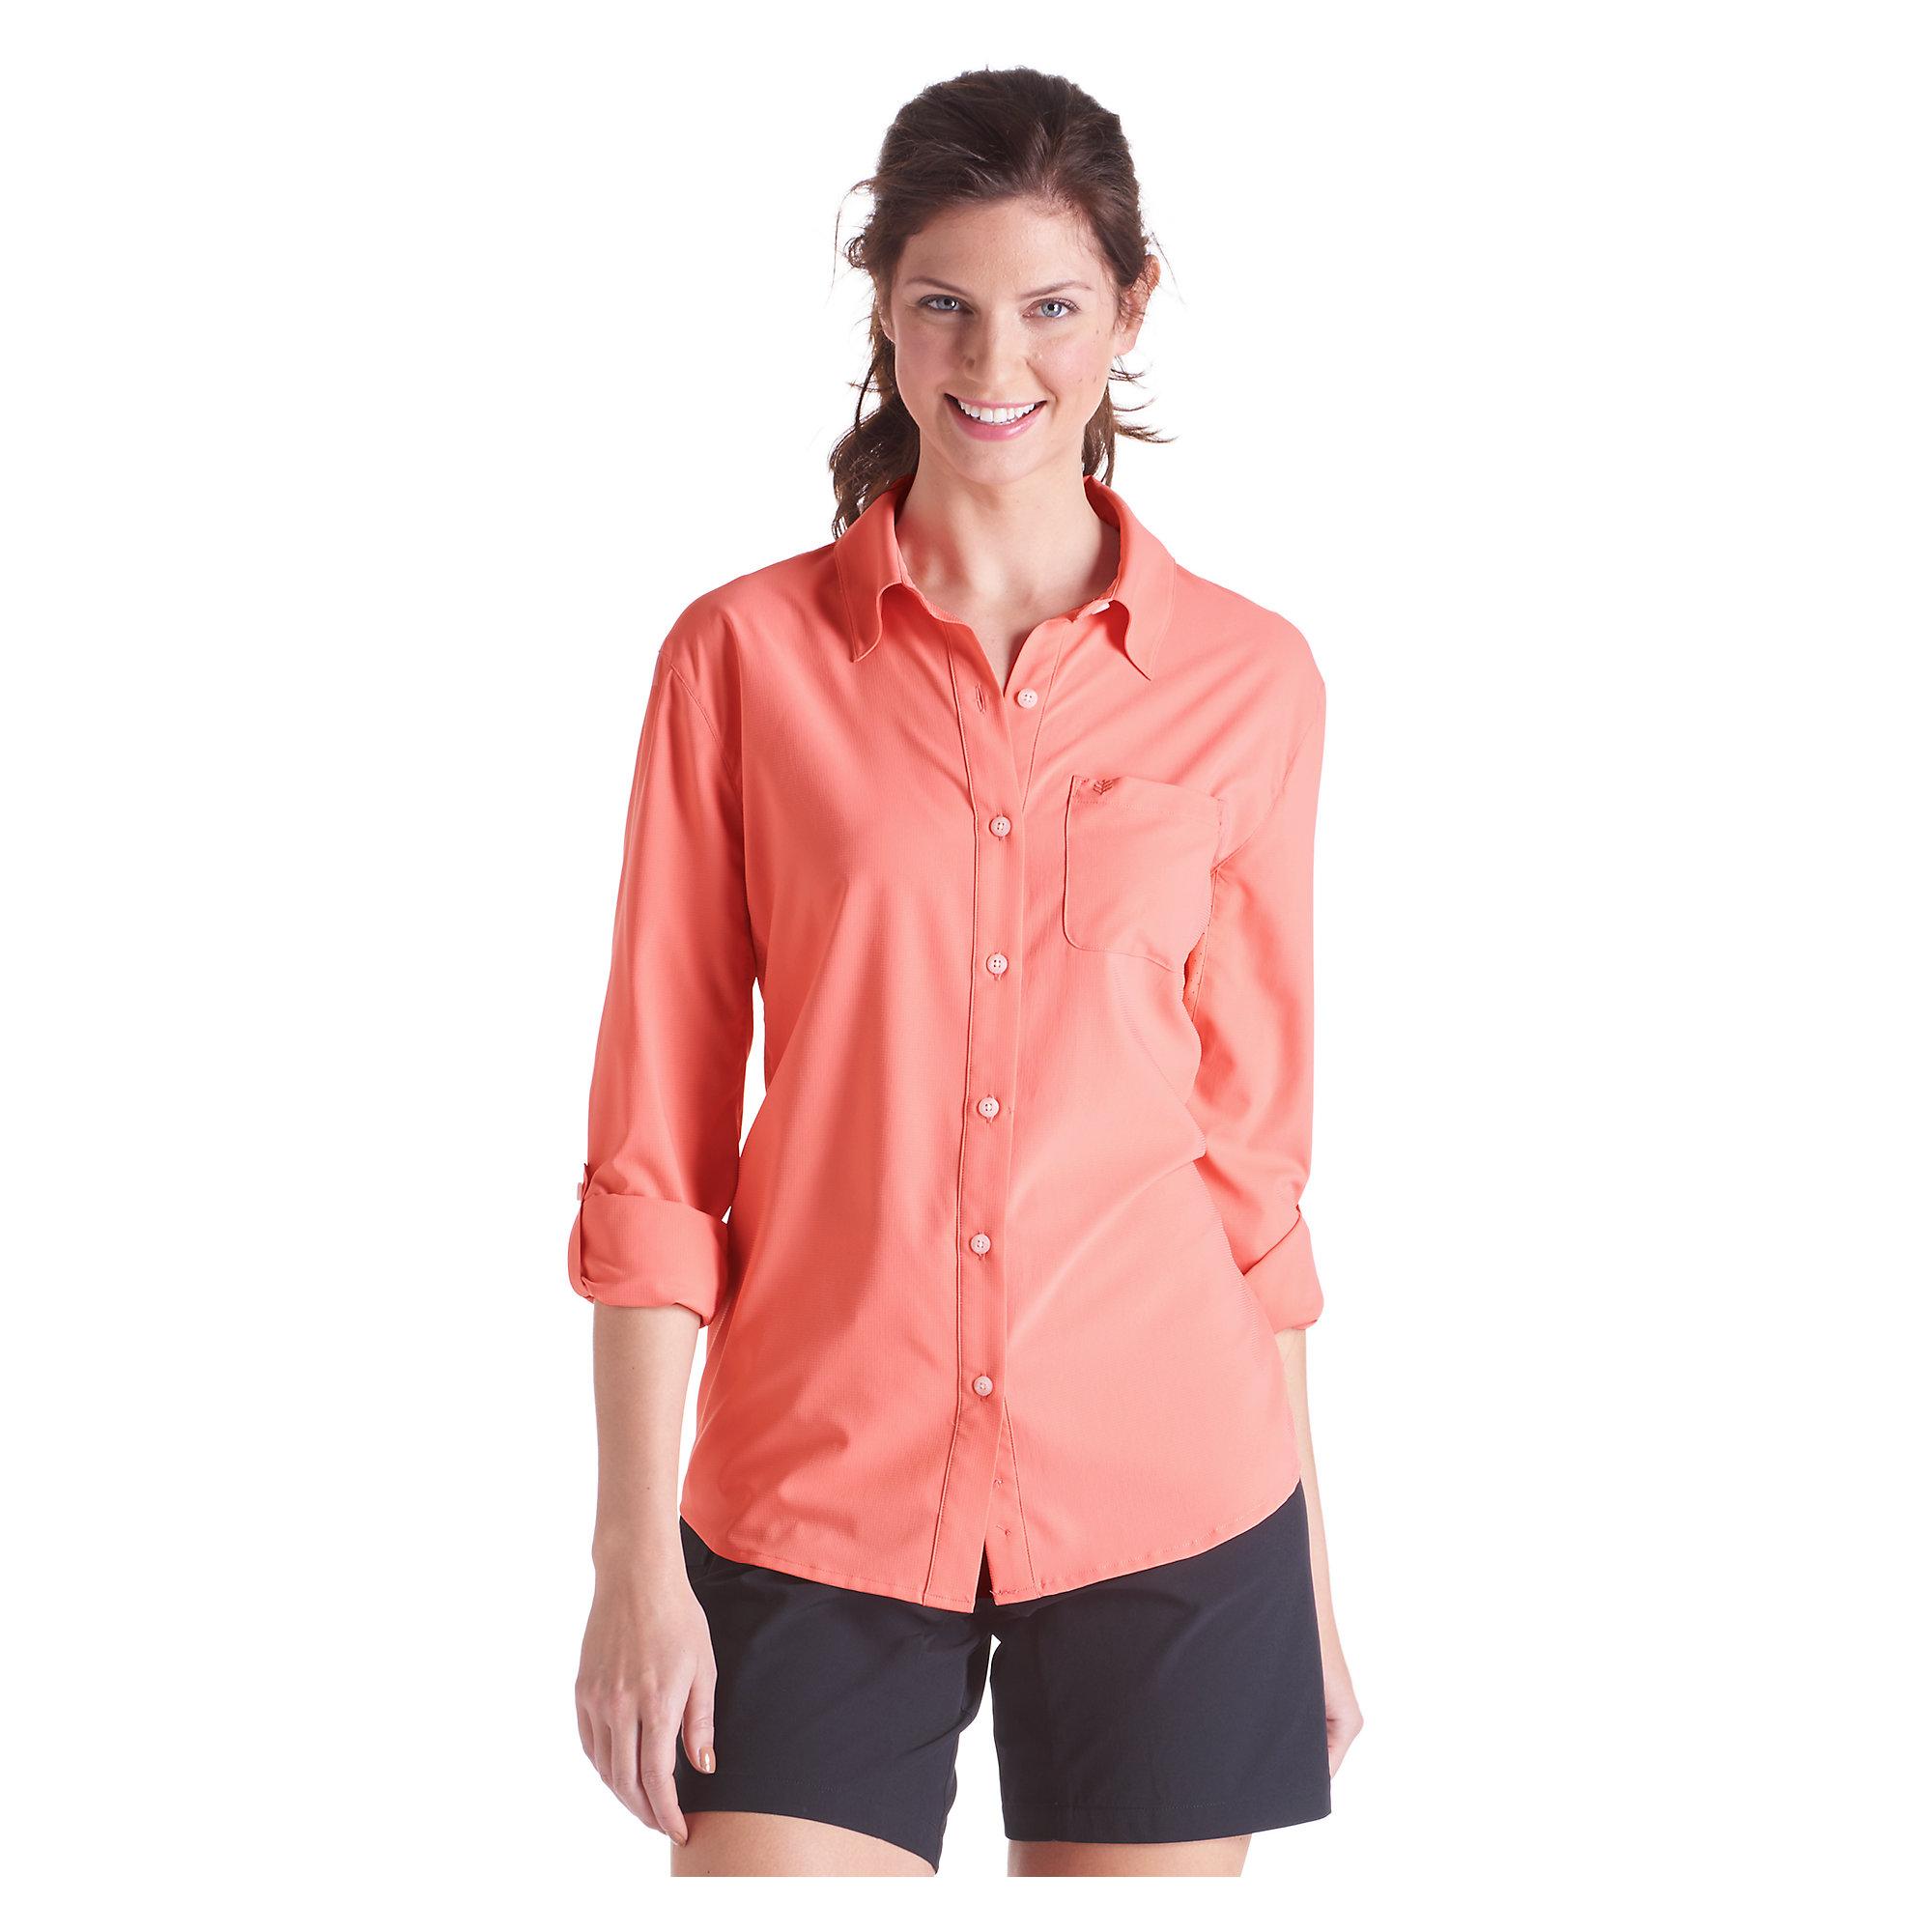 coolibar upf 50 women 39 s sun shirt sun protective ebay